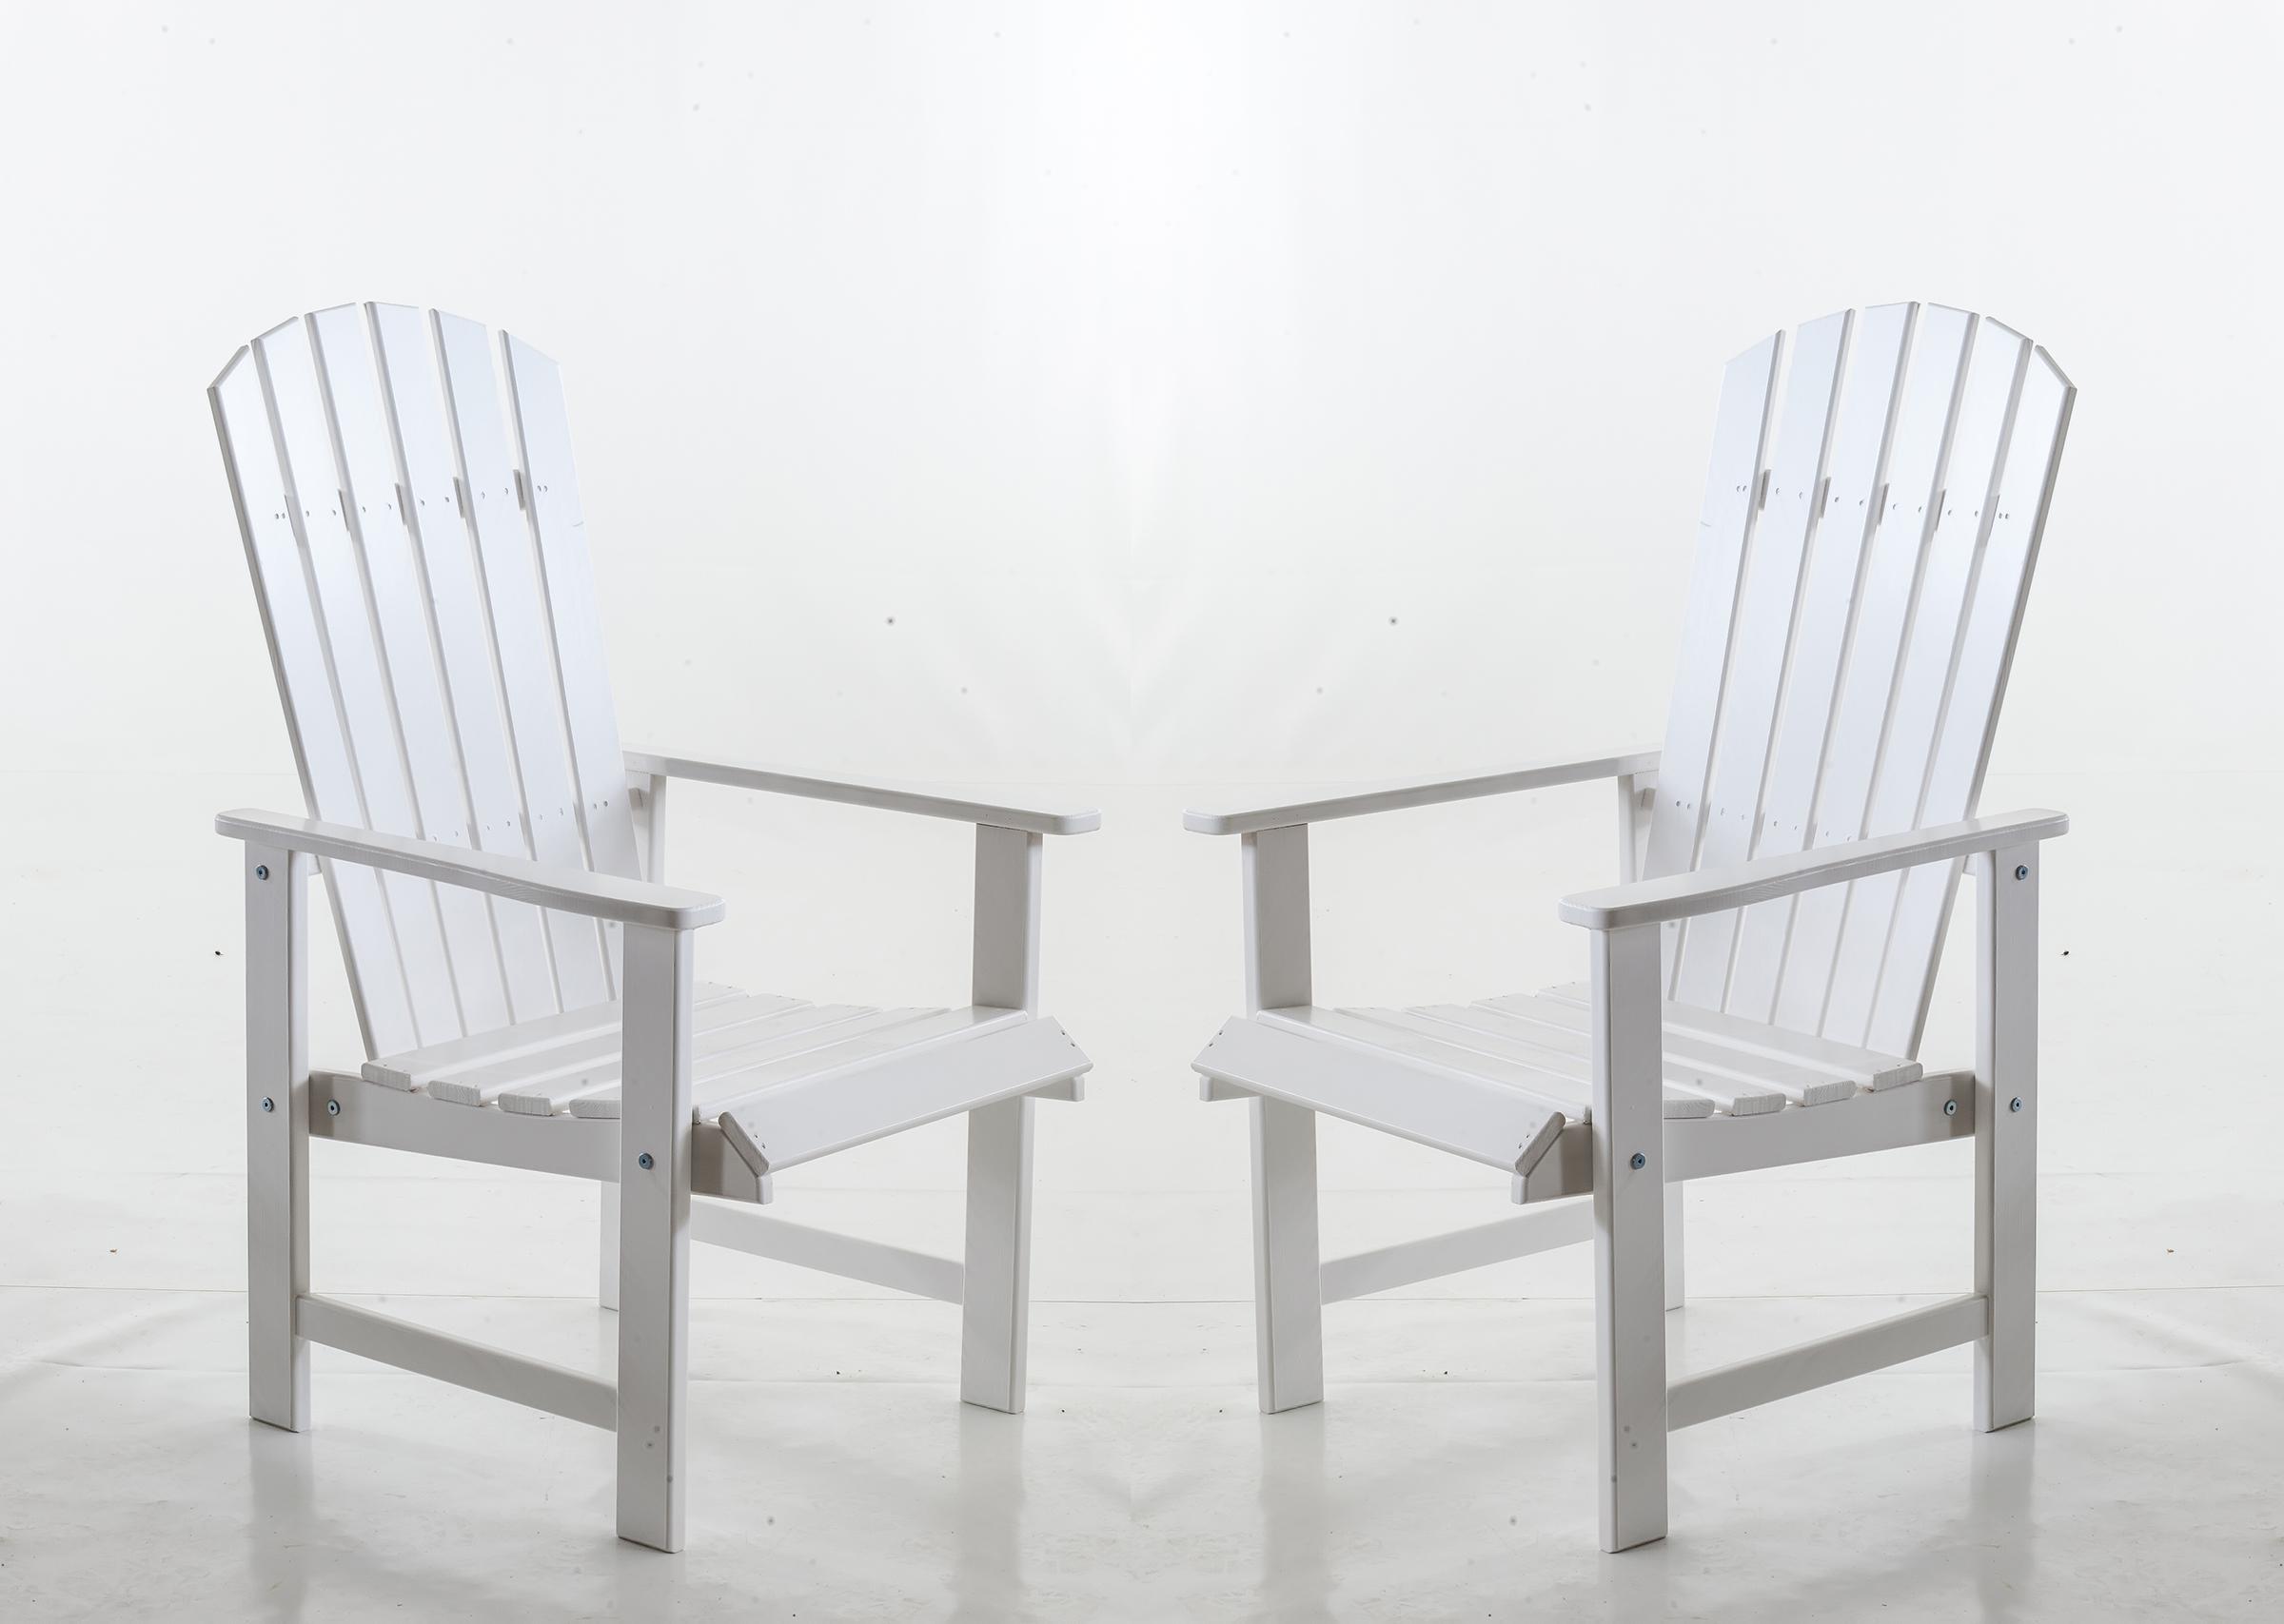 ikea gartenbank falster 075730 eine interessante idee f r die gestaltung einer. Black Bedroom Furniture Sets. Home Design Ideas